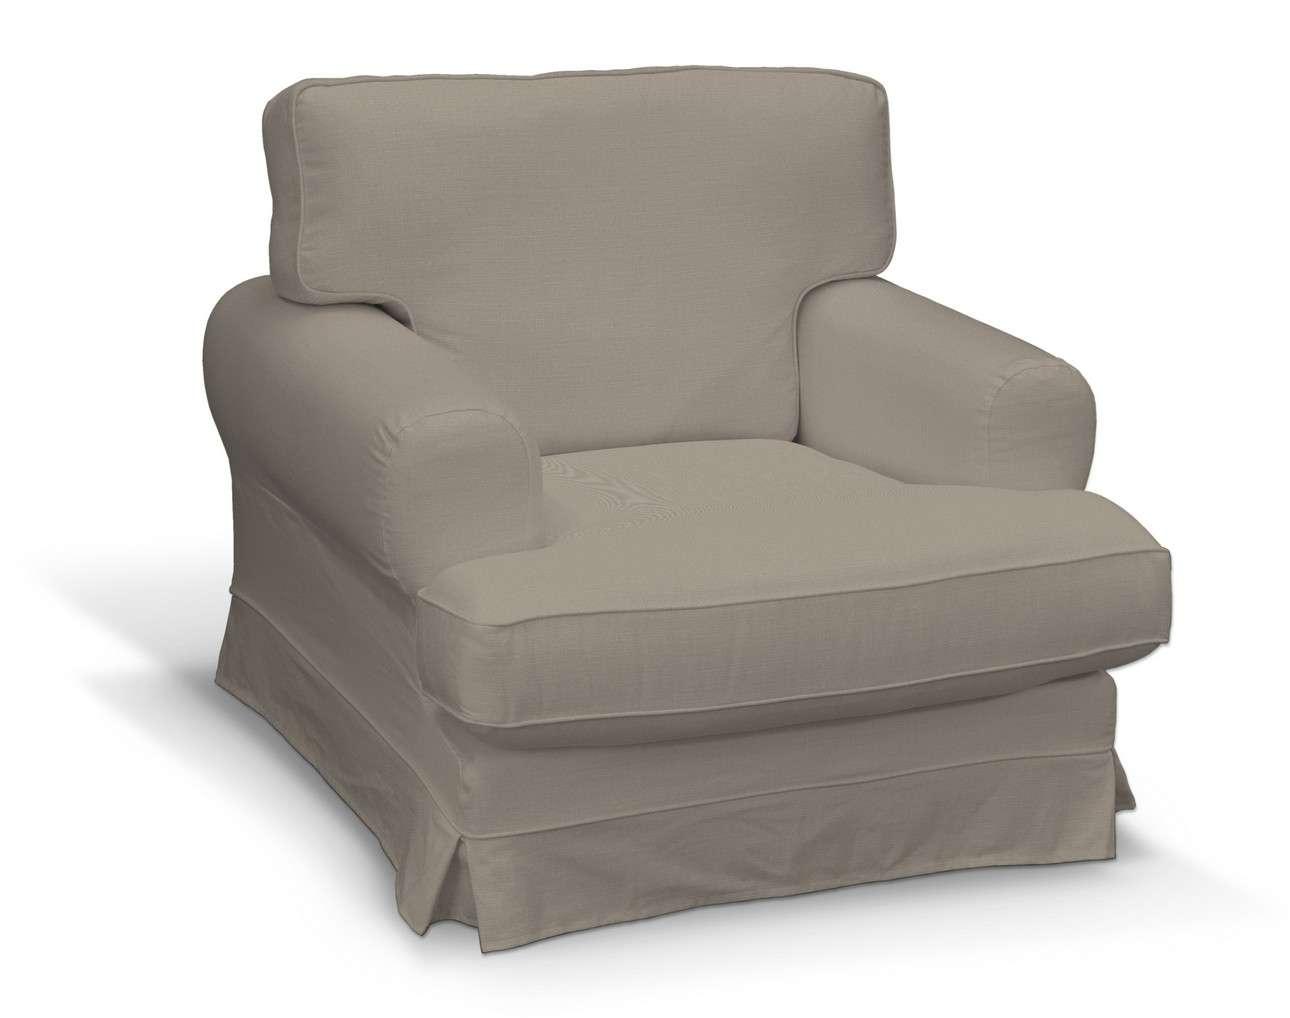 Pokrowiec na fotel Ekeskog w kolekcji Living, tkanina: 161-53